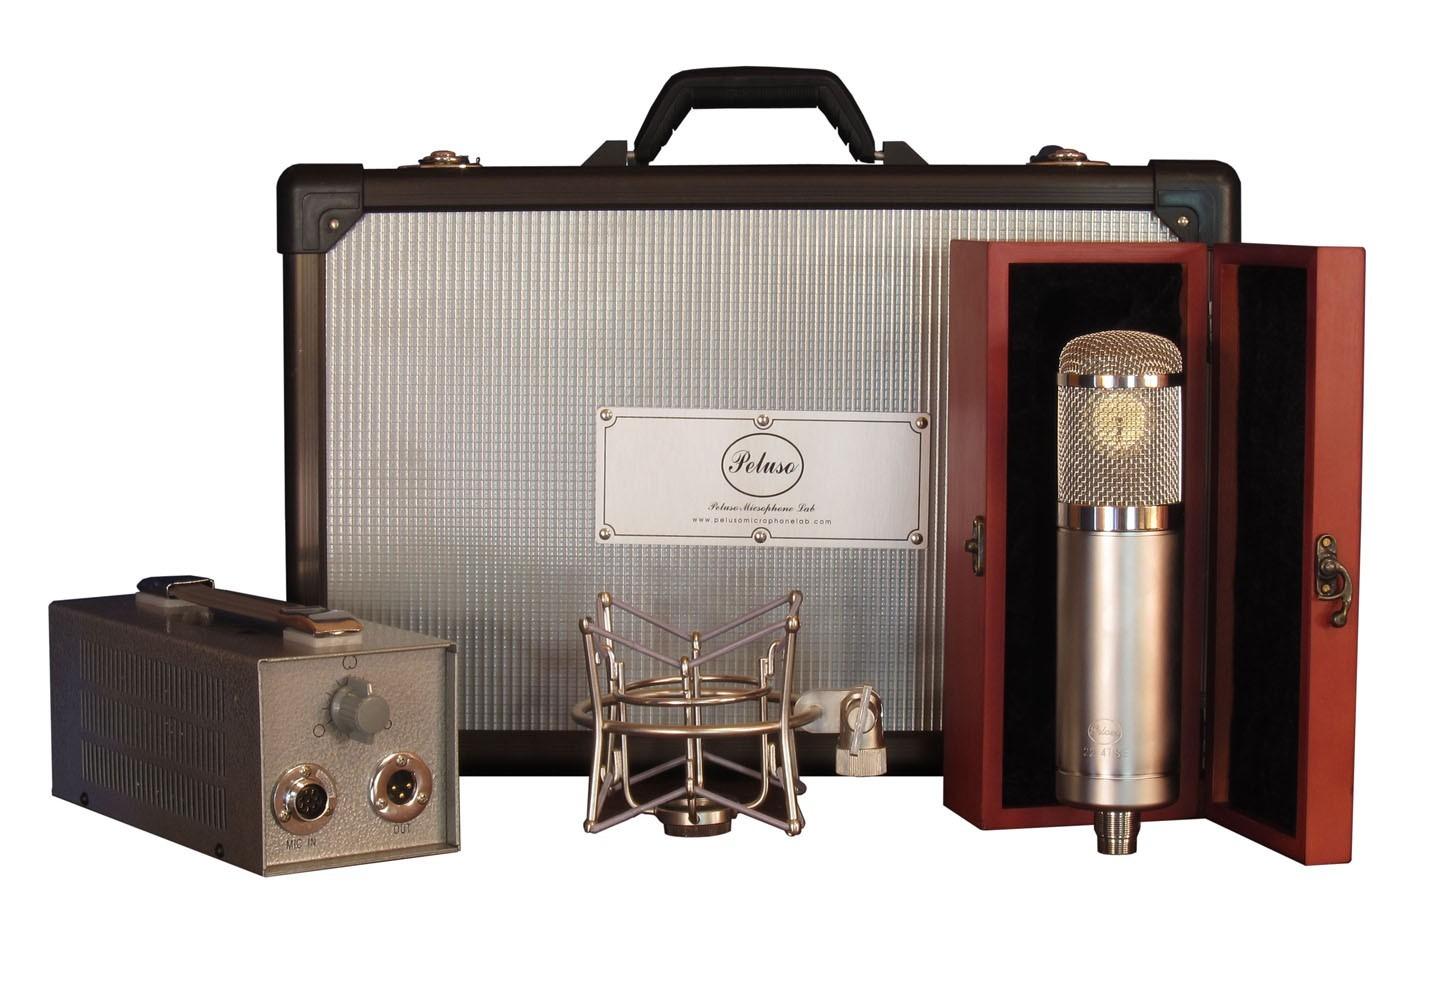 小可评测:Peluso 22 47 SE 传奇风味的电子管麦克风